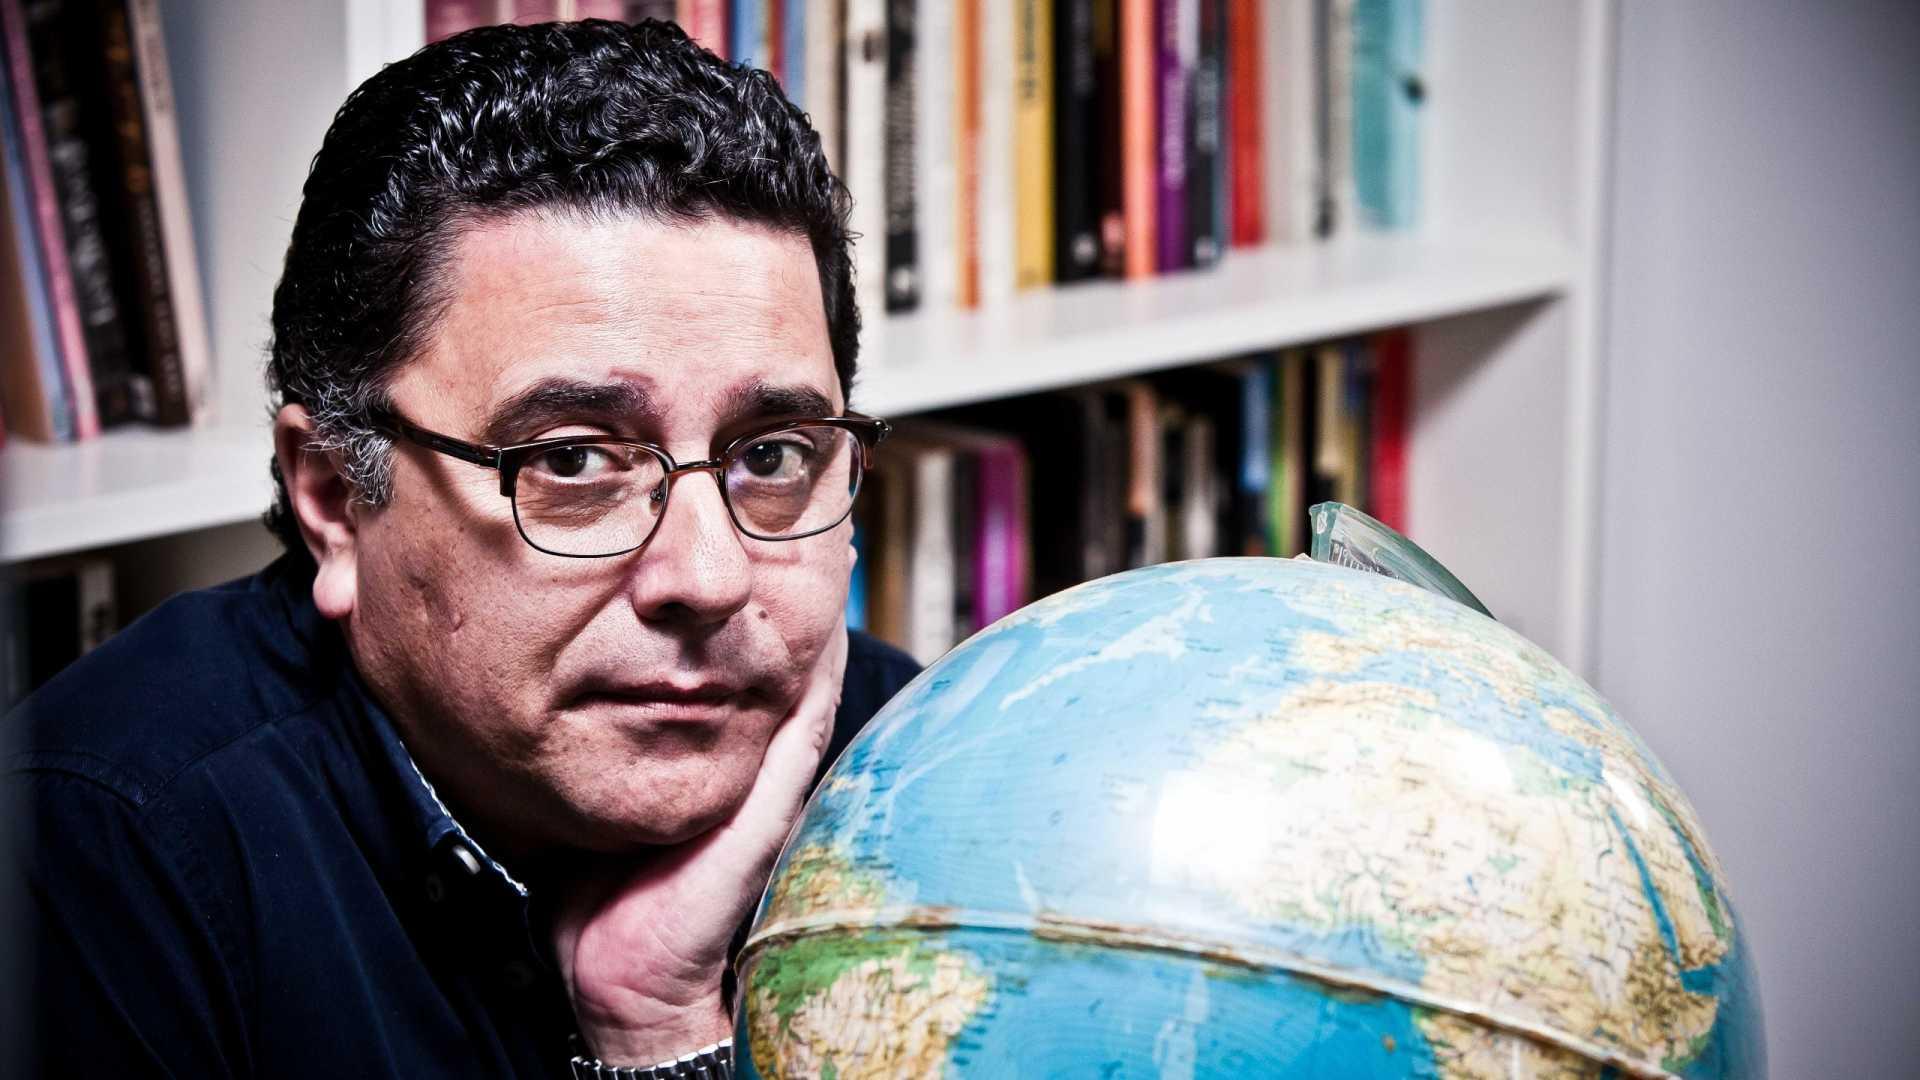 pedro rolo duarte - Morreu o jornalista Pedro Rolo Duarte